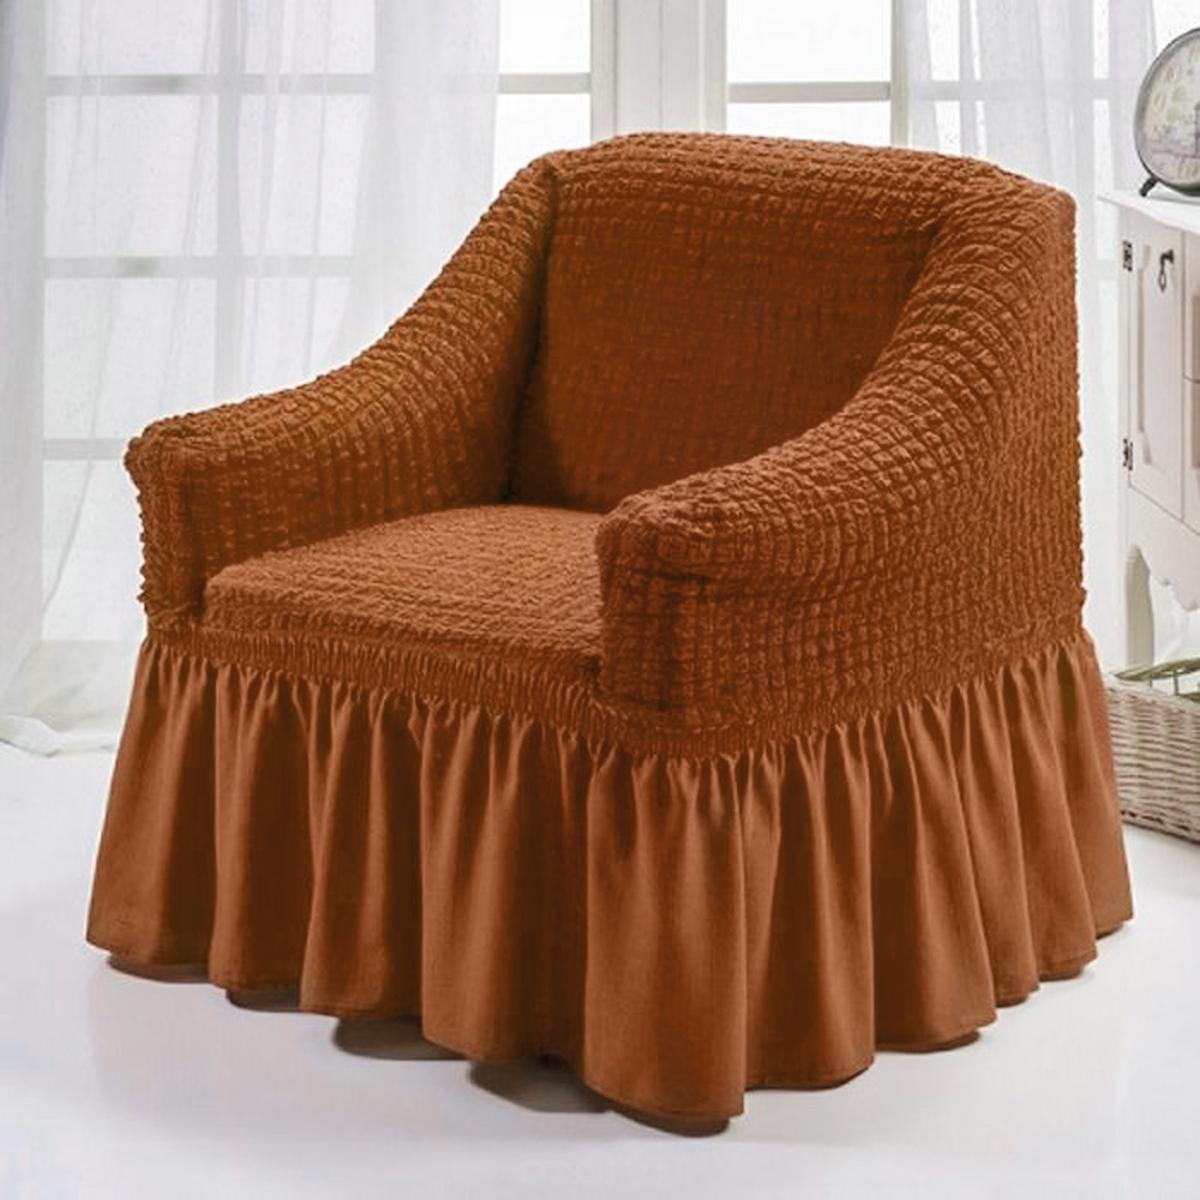 Чехол для кресла Karna Bulsan, цвет: горчичный1797_горчичныйЧехол для кресла Karna Bulsan, цвет: горчичный